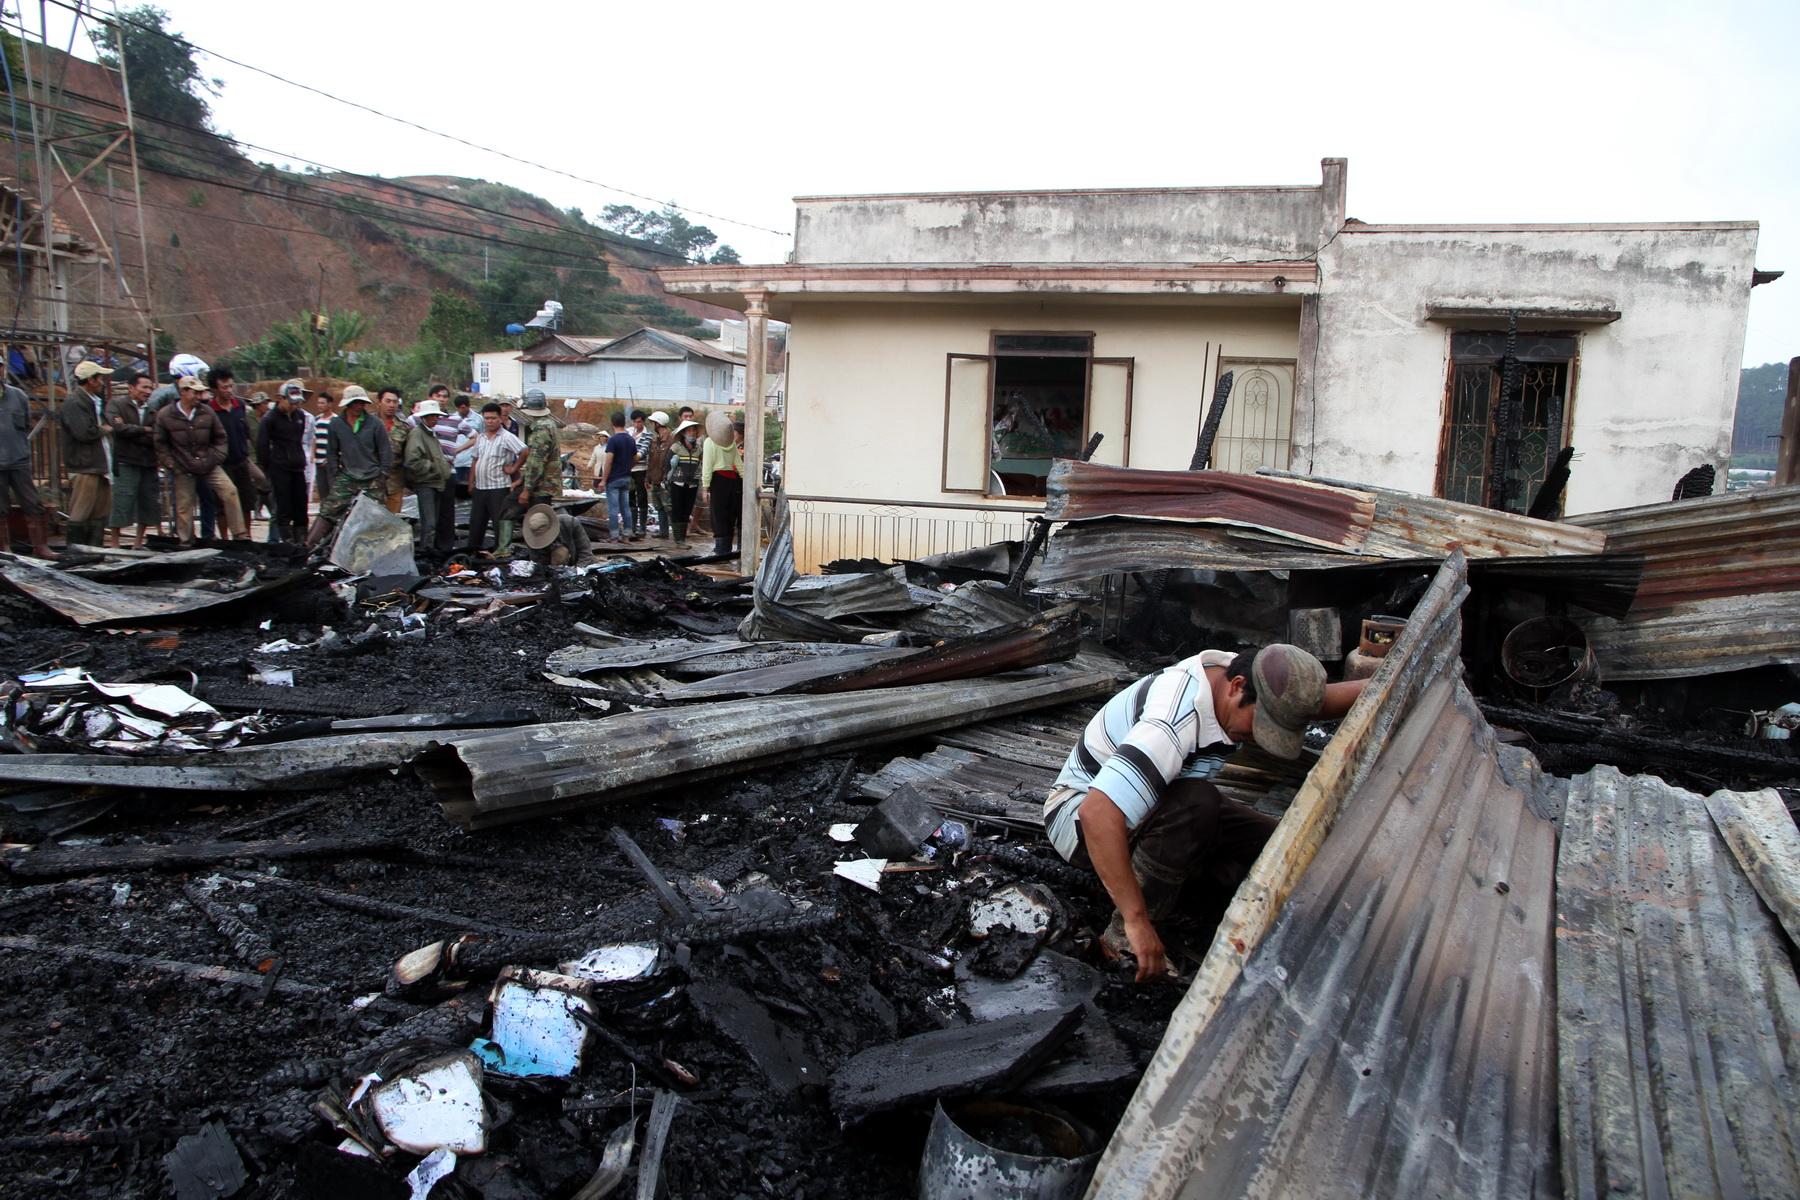 Sau vụ cháy, ngôi nhà chỉ còn là đống hoang tàn trơ trụi